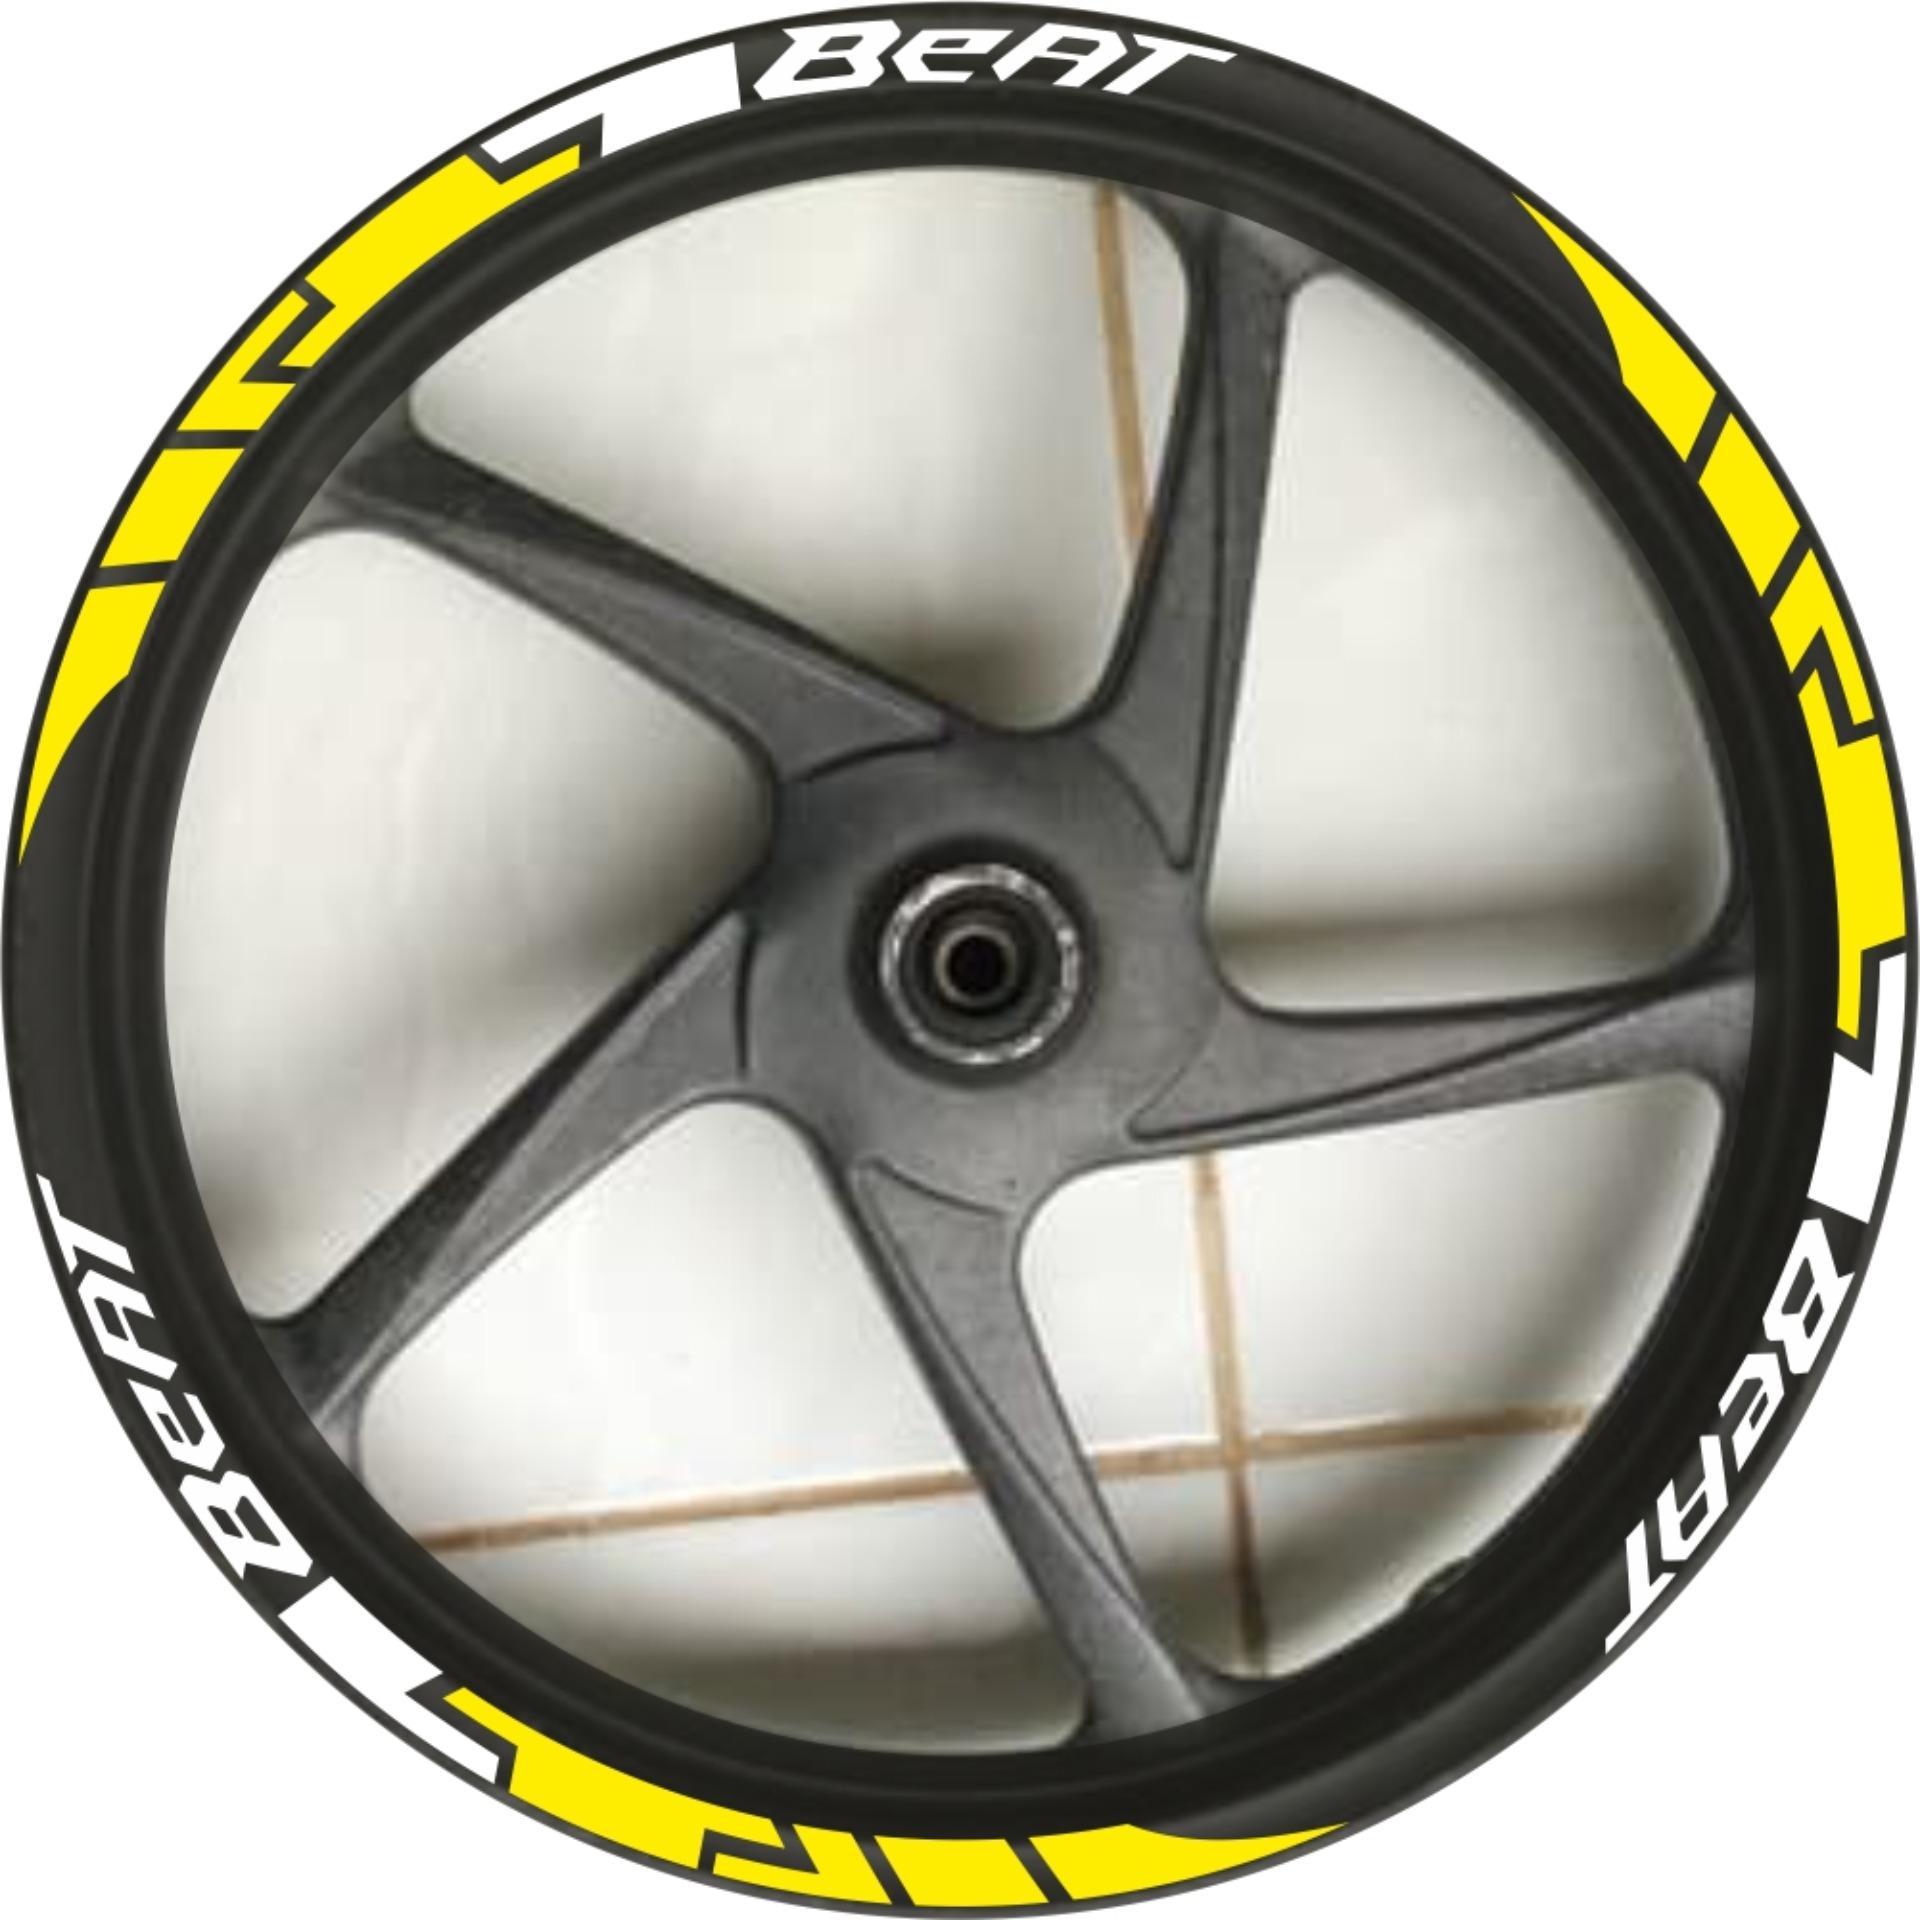 Ngemall - Baru Stiker Velg Sticker Velg 5 Honda Beat - Kuning  Putih - Ngemall